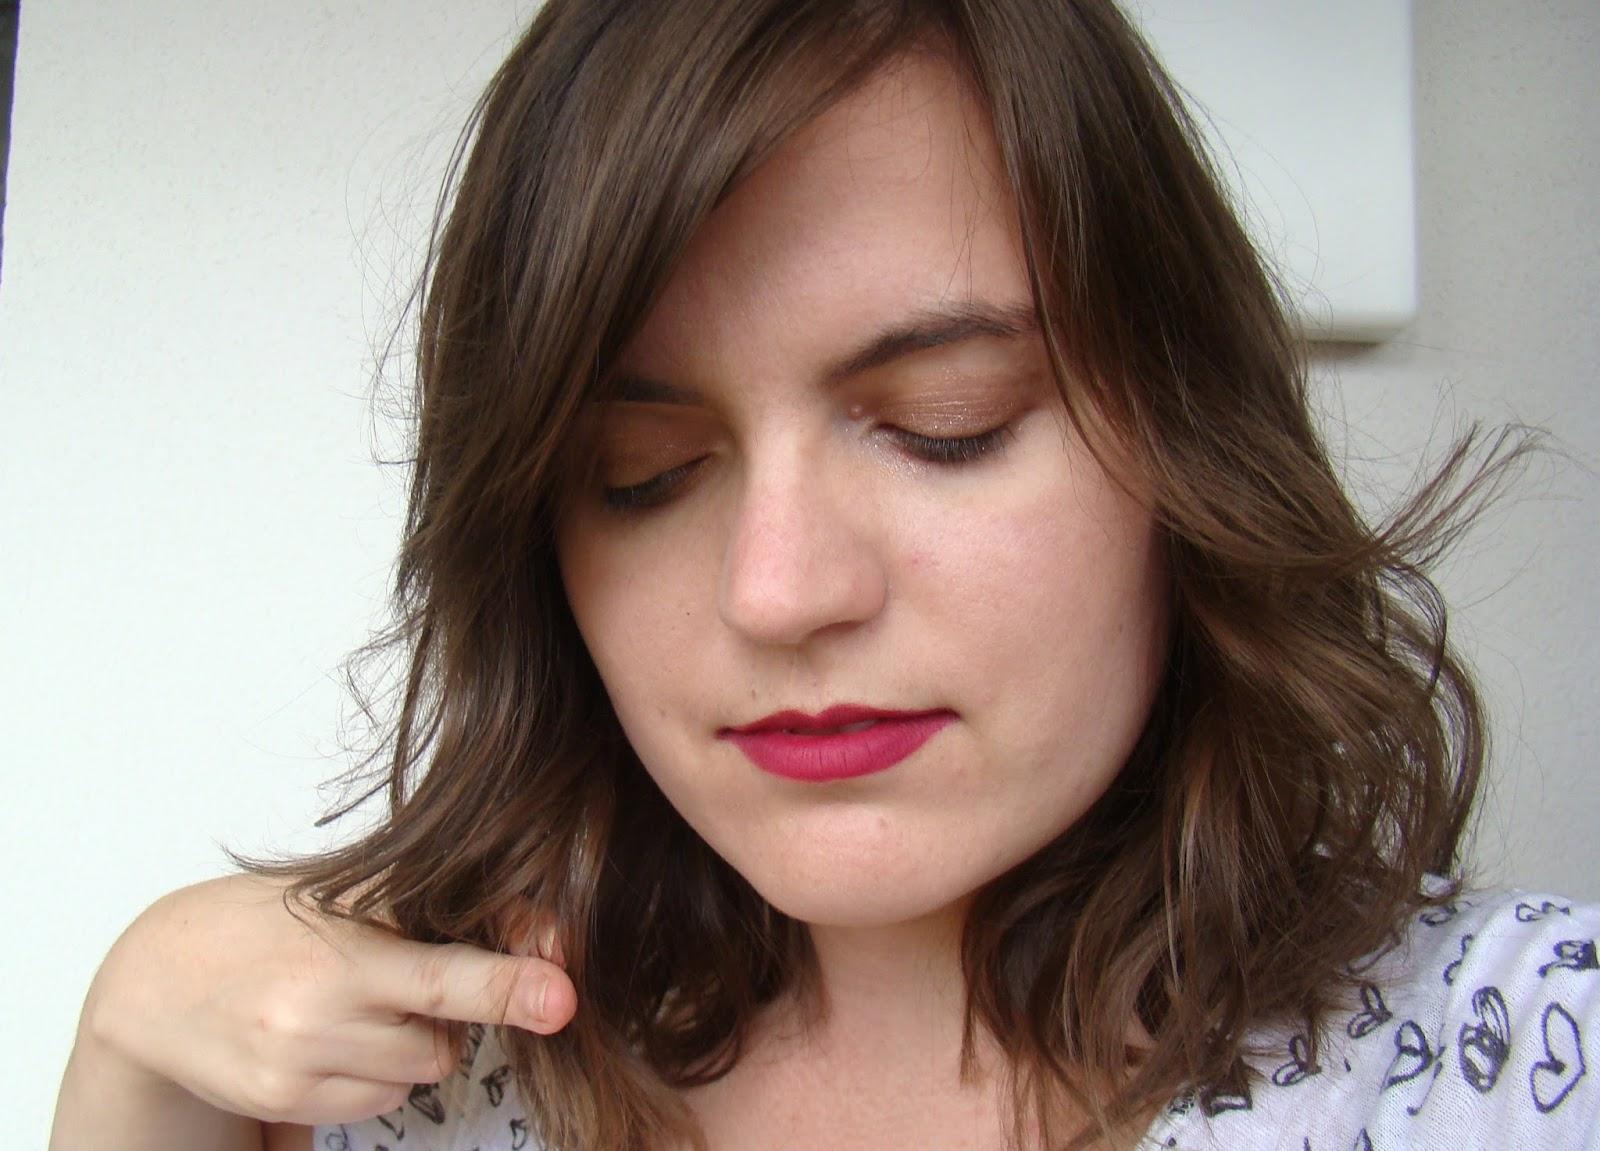 Mon Mari N'aime Pas Ma Nouvelle Coupe De Cheveux - Joyce Powell Blog